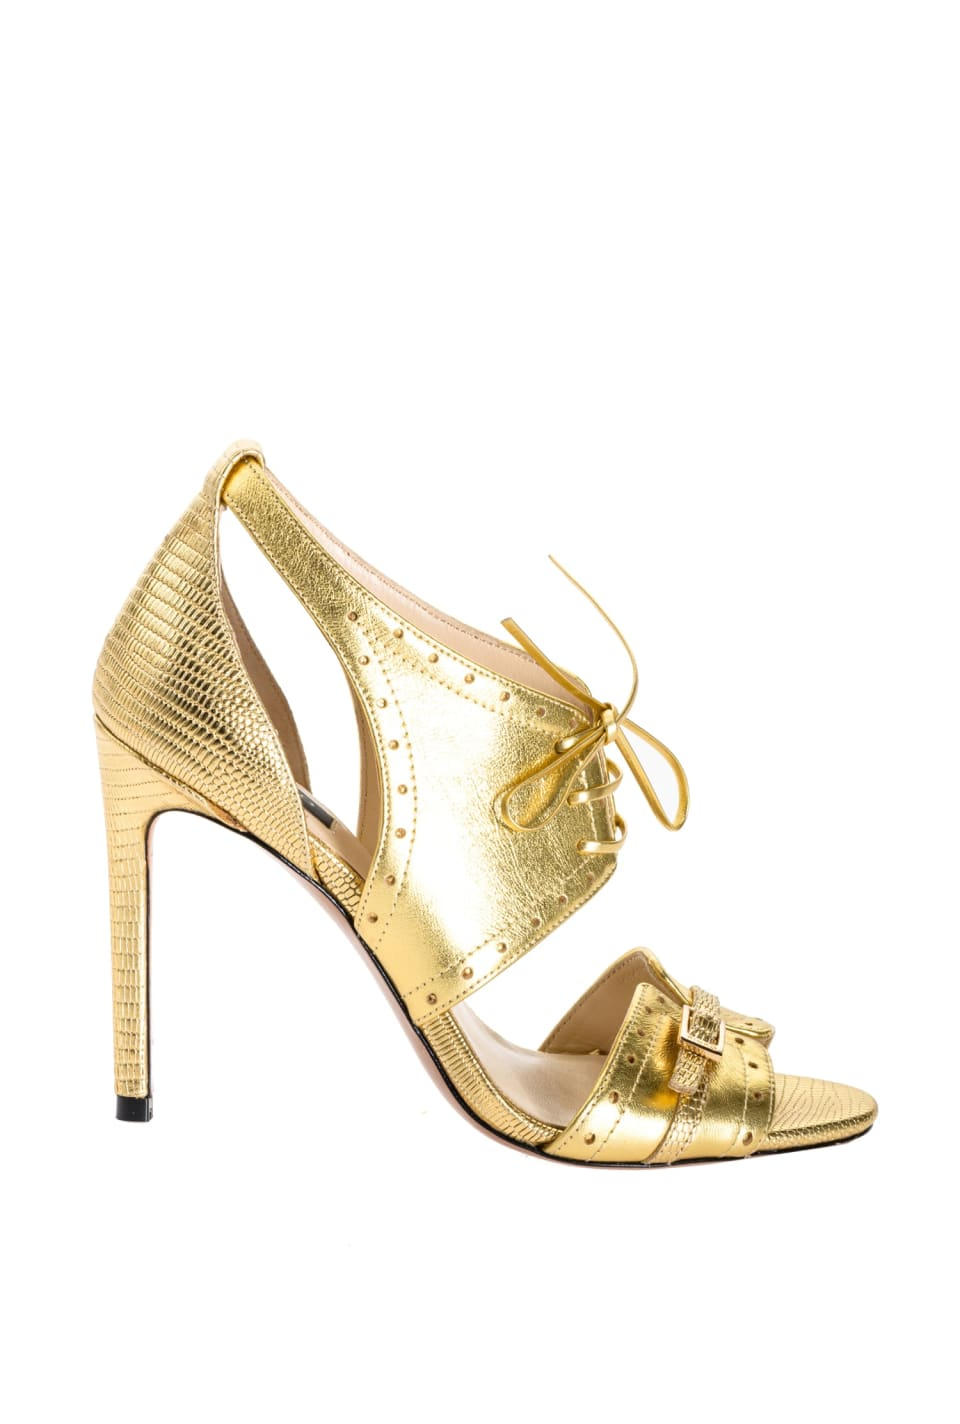 Sandales en cuir lamé doré - Pinko